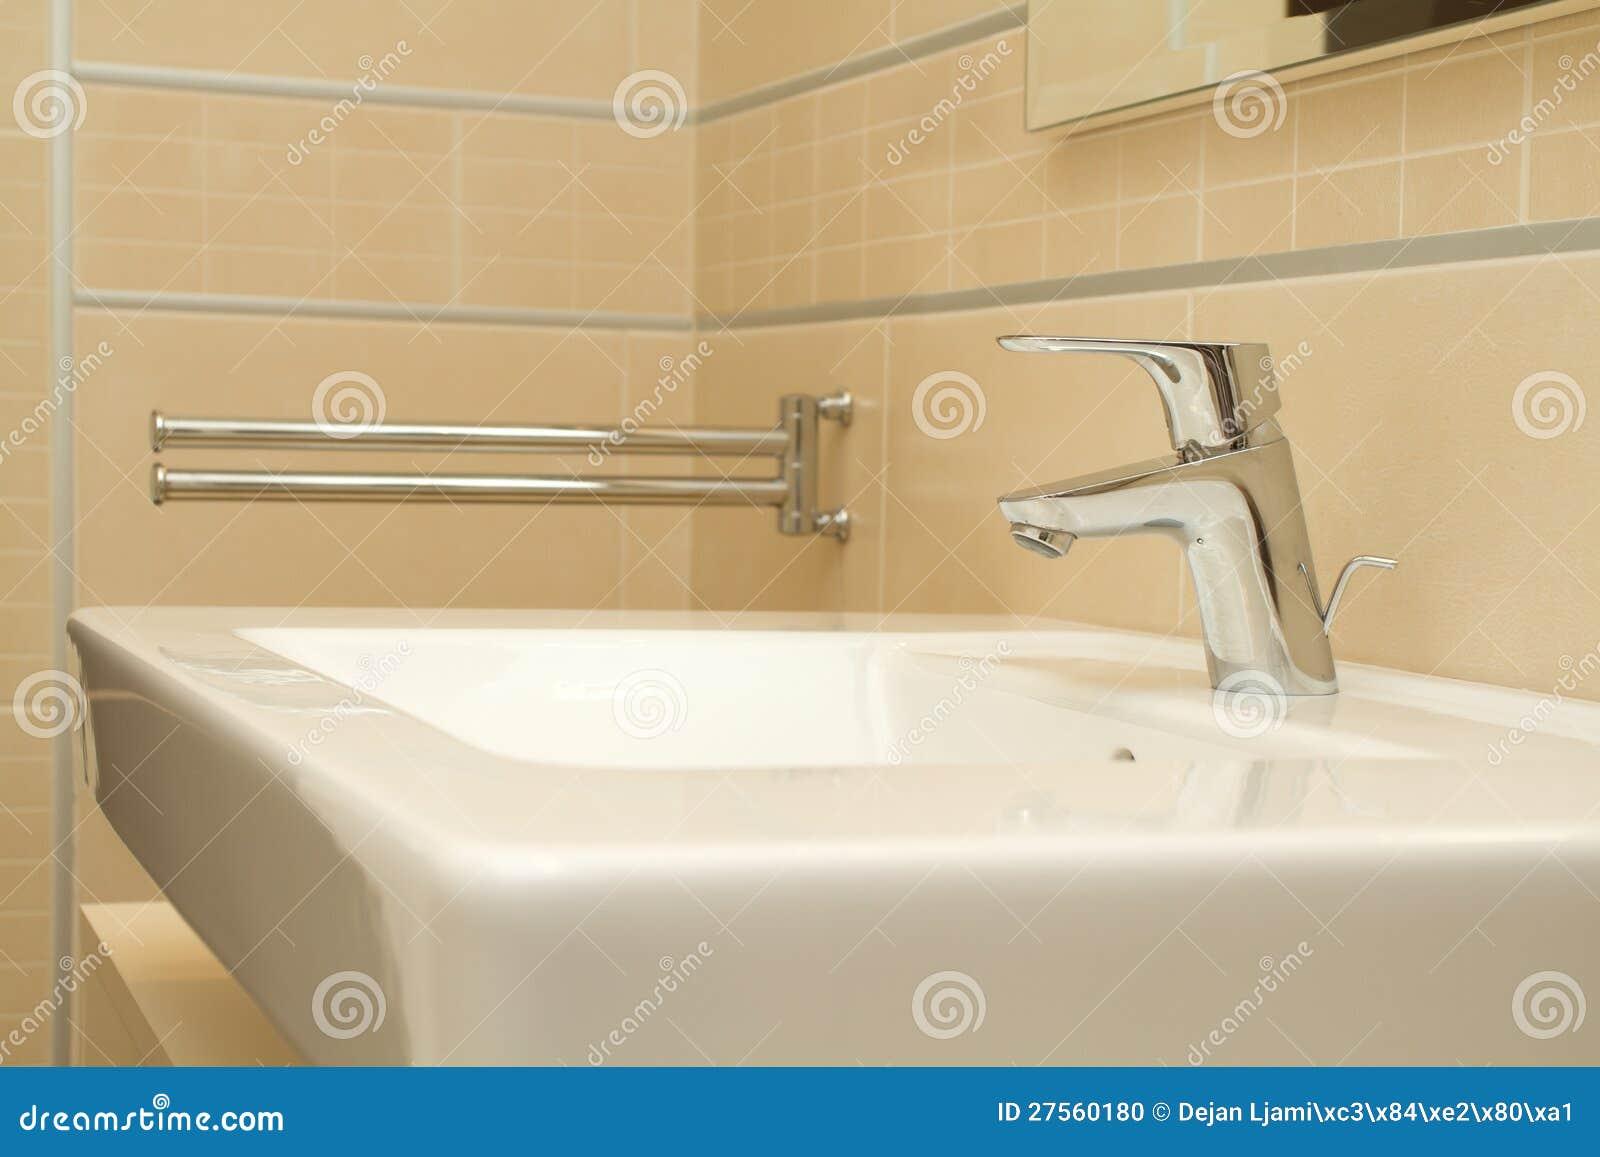 Banheiro Limpo Moderno Foto de Stock Imagem: 27560180 #85A724 1300 957